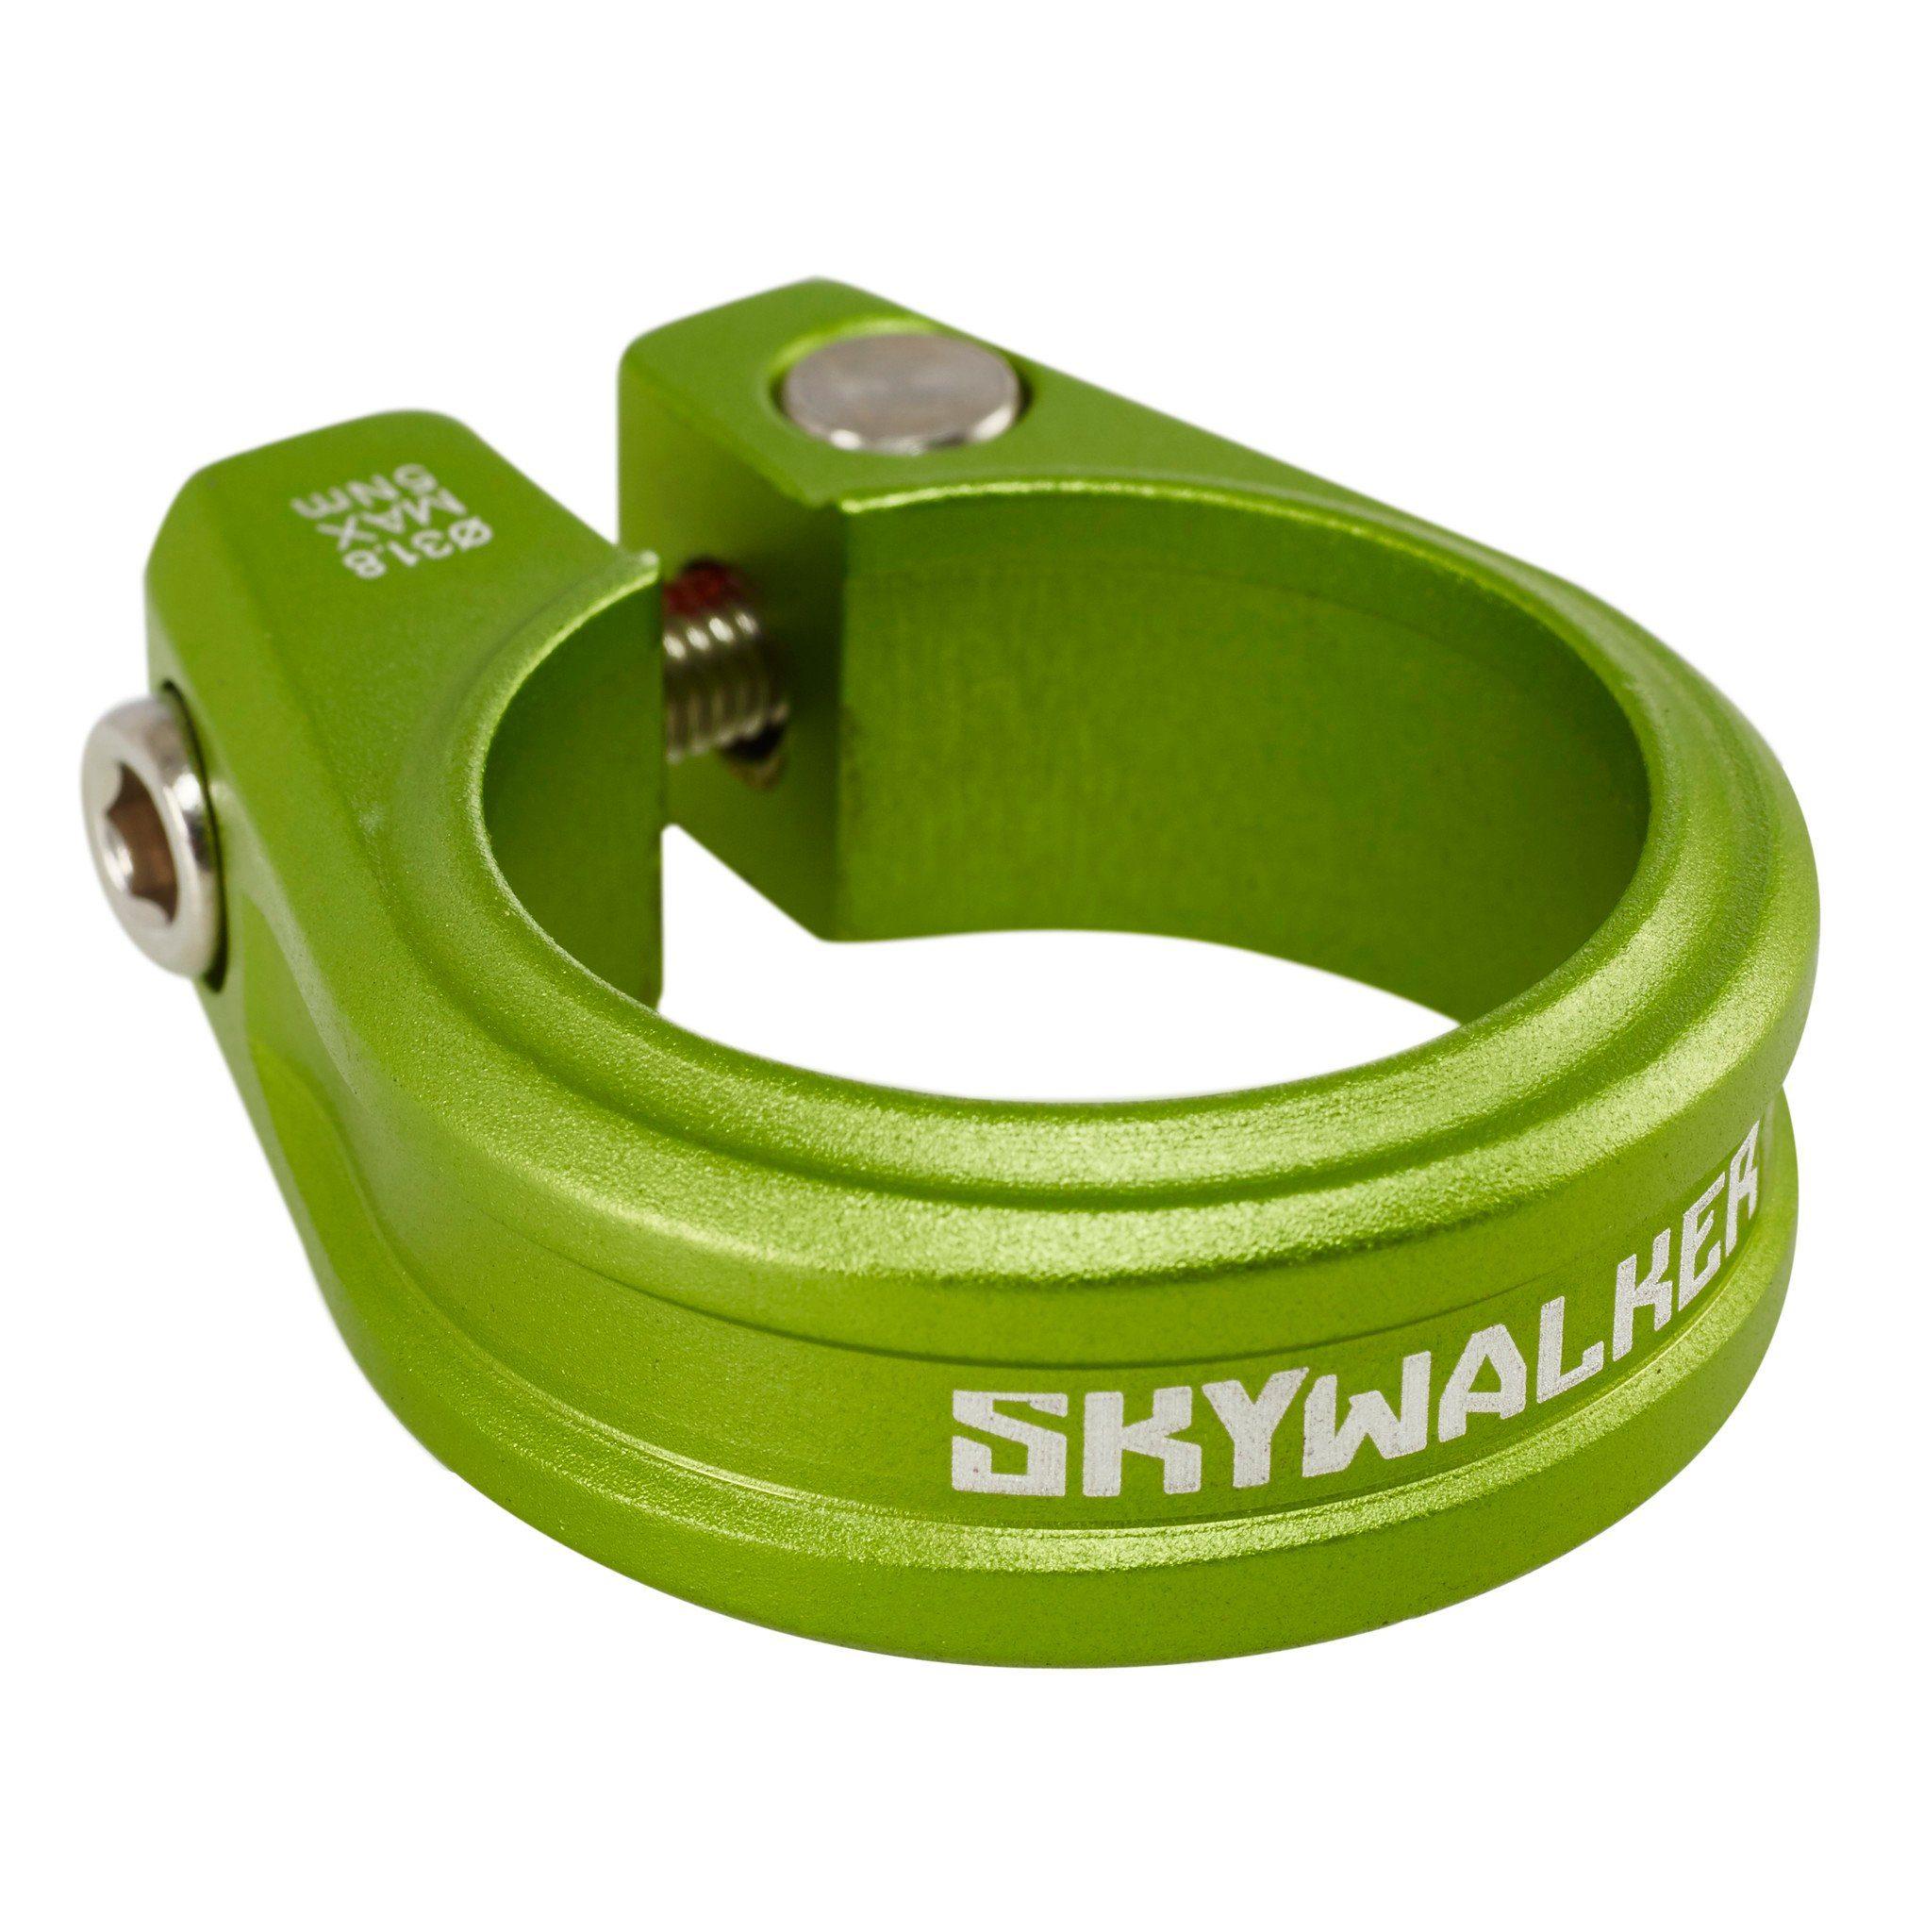 Sixpack Sattelklemme »Skywalker Sattelklemme 31,8 mm«